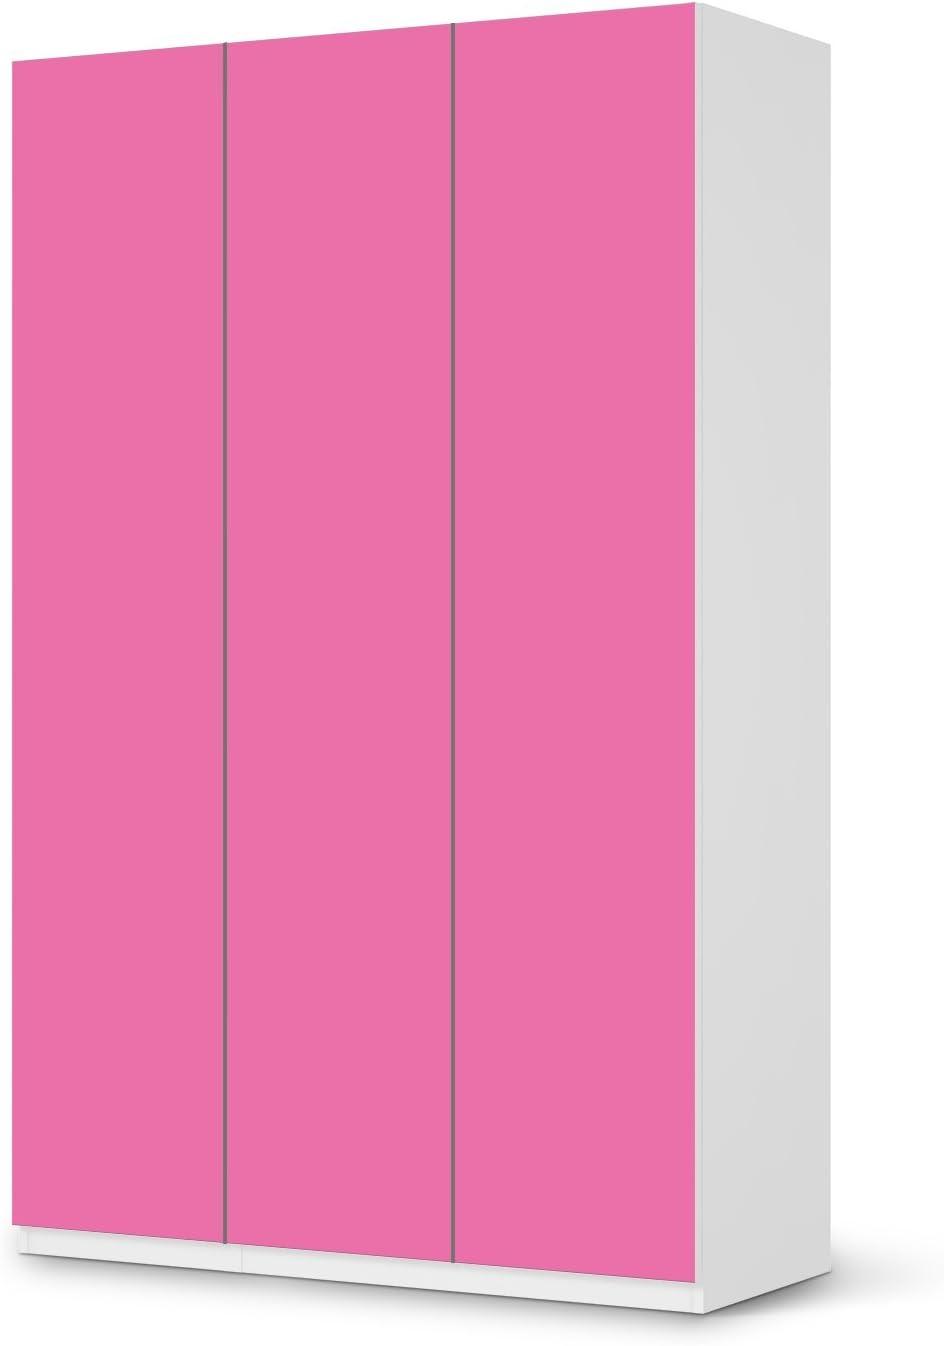 Diseño Pantalla IKEA Pax Armario 236 cm altura – 1, 2, 3, 4 puertas y puerta corredera autoadhesivo diseño diferentes colores Deko pantalla reverso adhesivo Armario Dormitorio: Amazon.es: Hogar